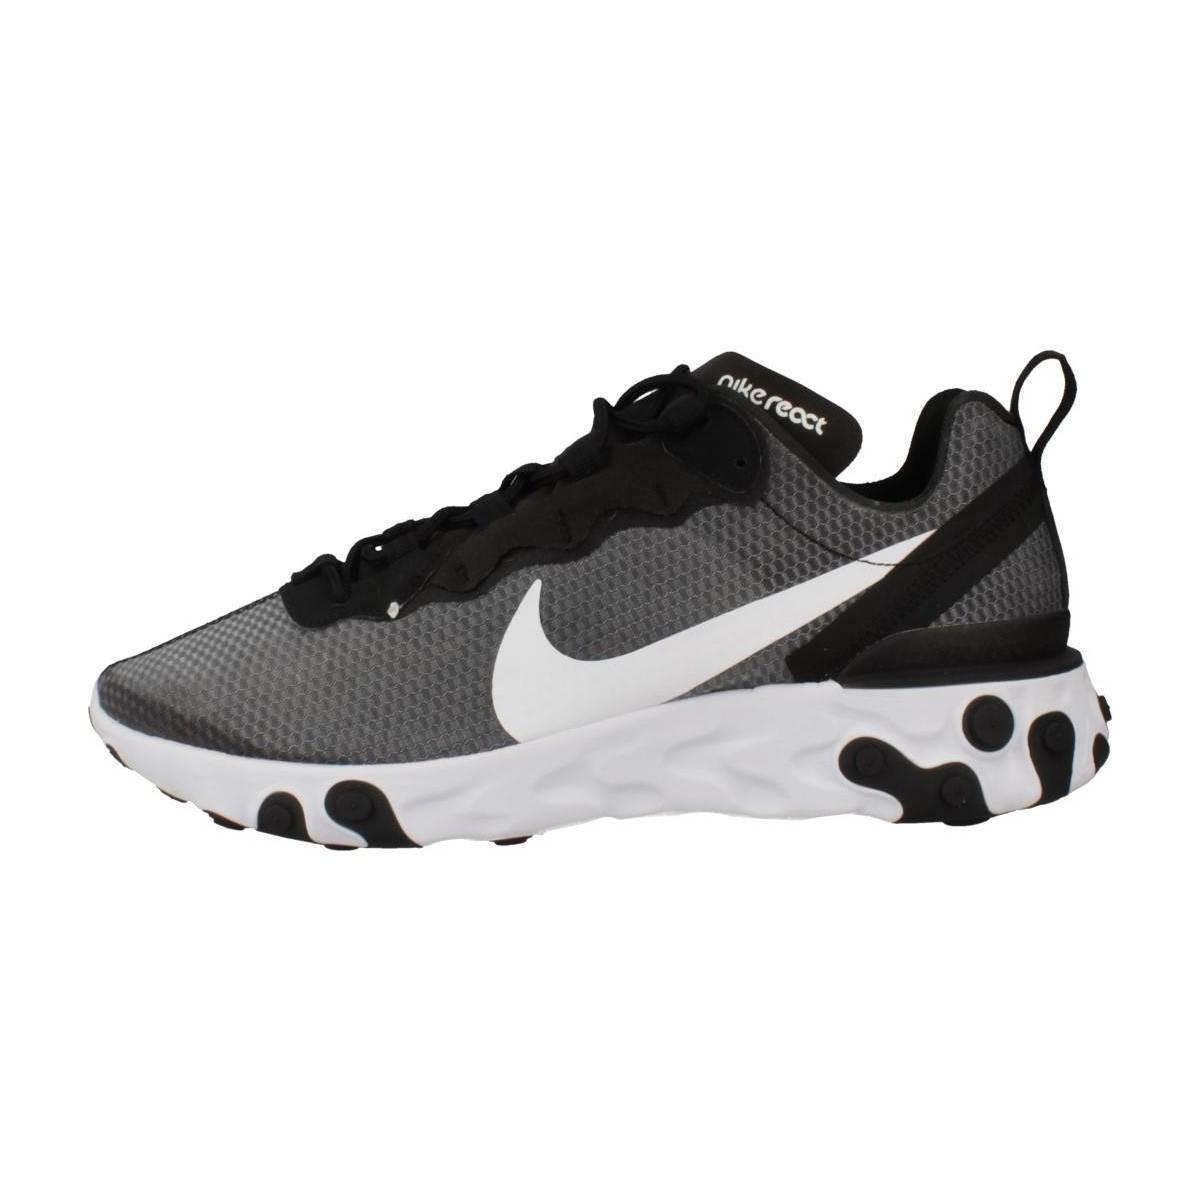 REACT 55 Chaussures Nike pour homme en coloris Gris - Lyst